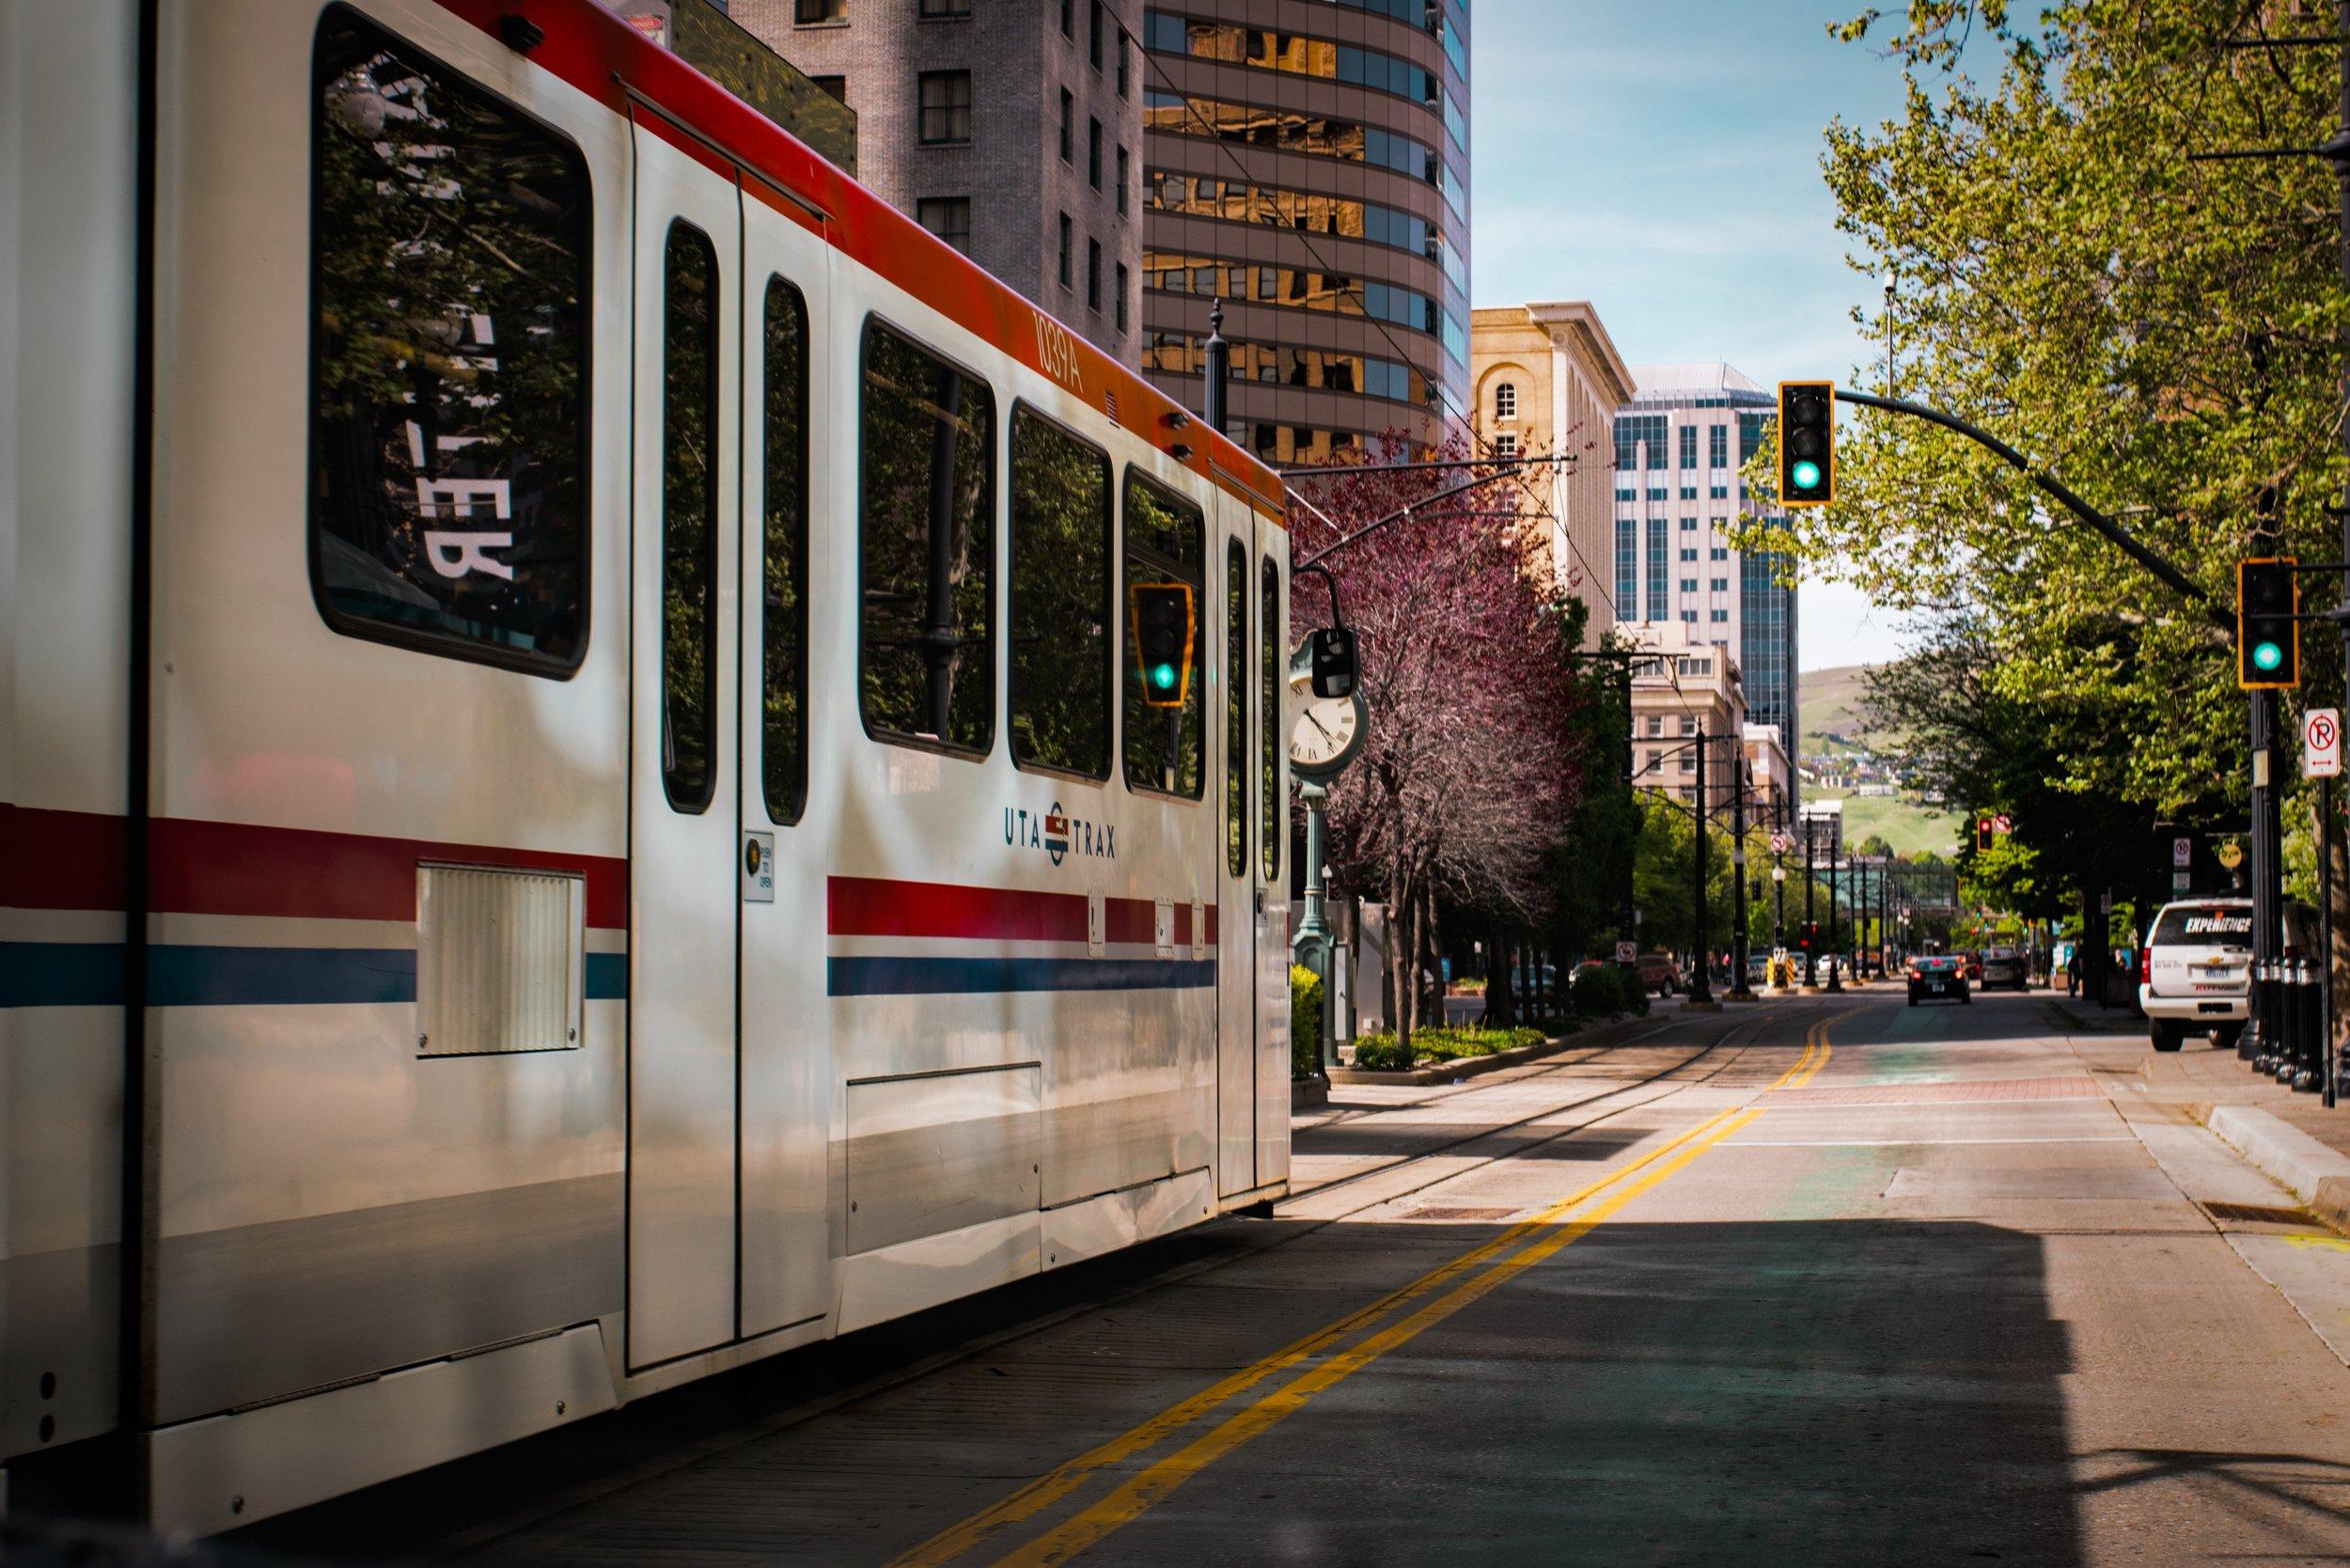 The Ultimate Salt Lake City Bucket List